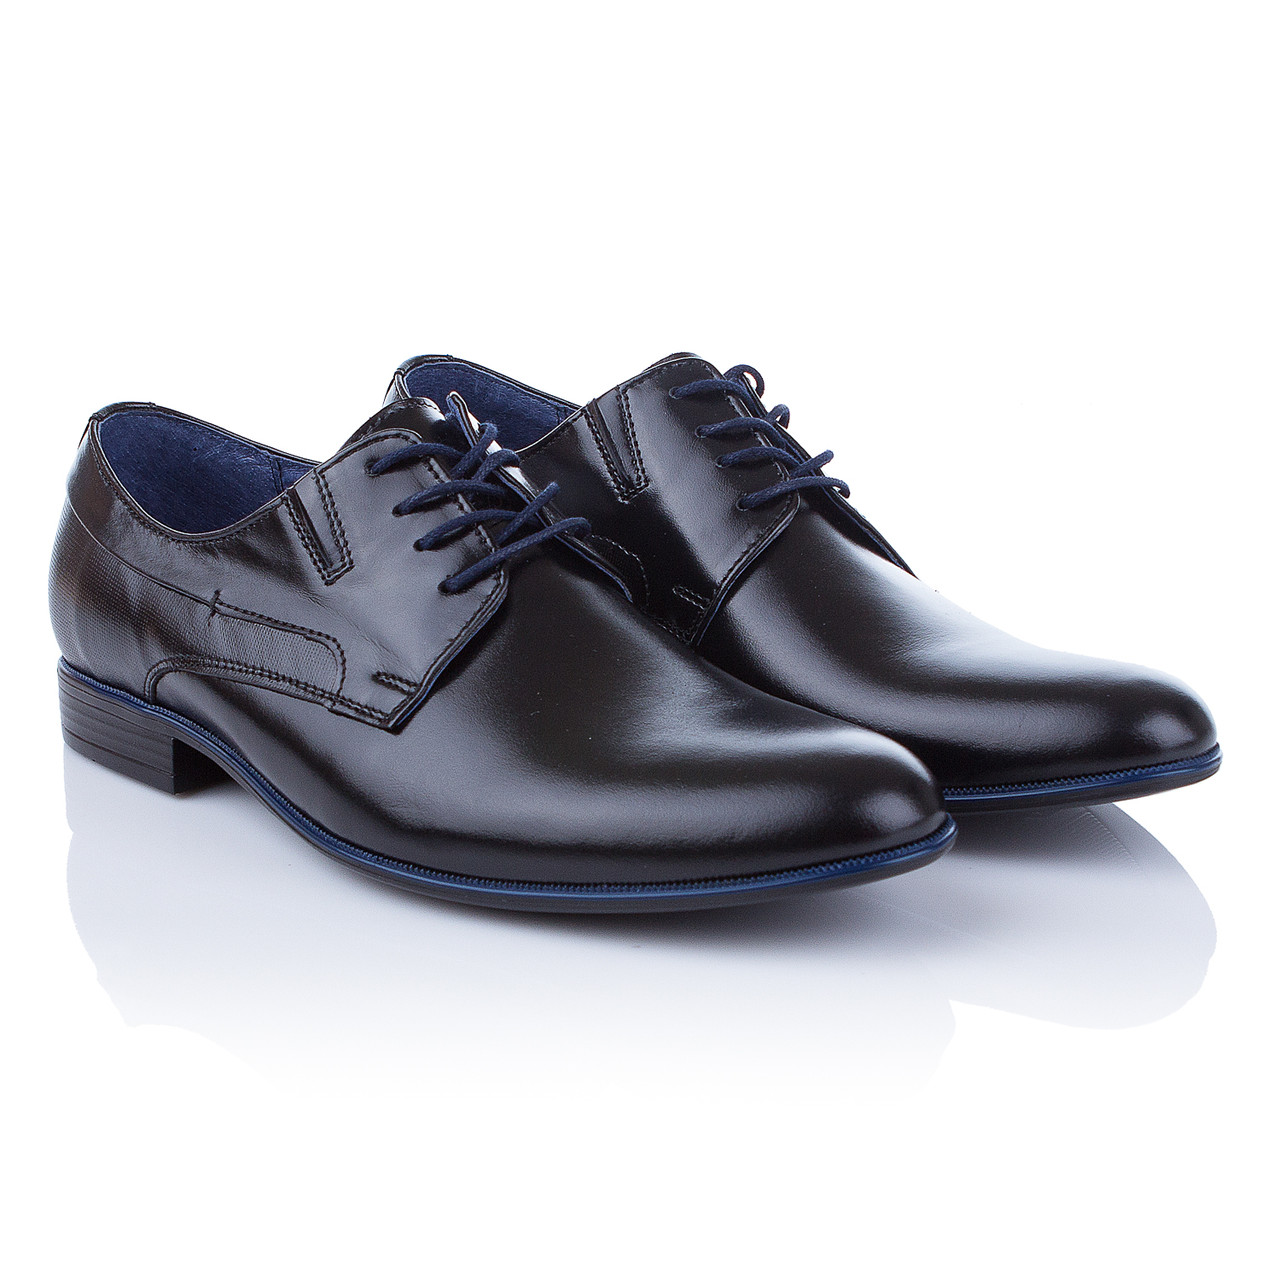 717282f09 Стильные мужские туфли Tapi (модные, на шнурках, с оригинальной синей  окантовкой подошвы, удобные, комфортные)